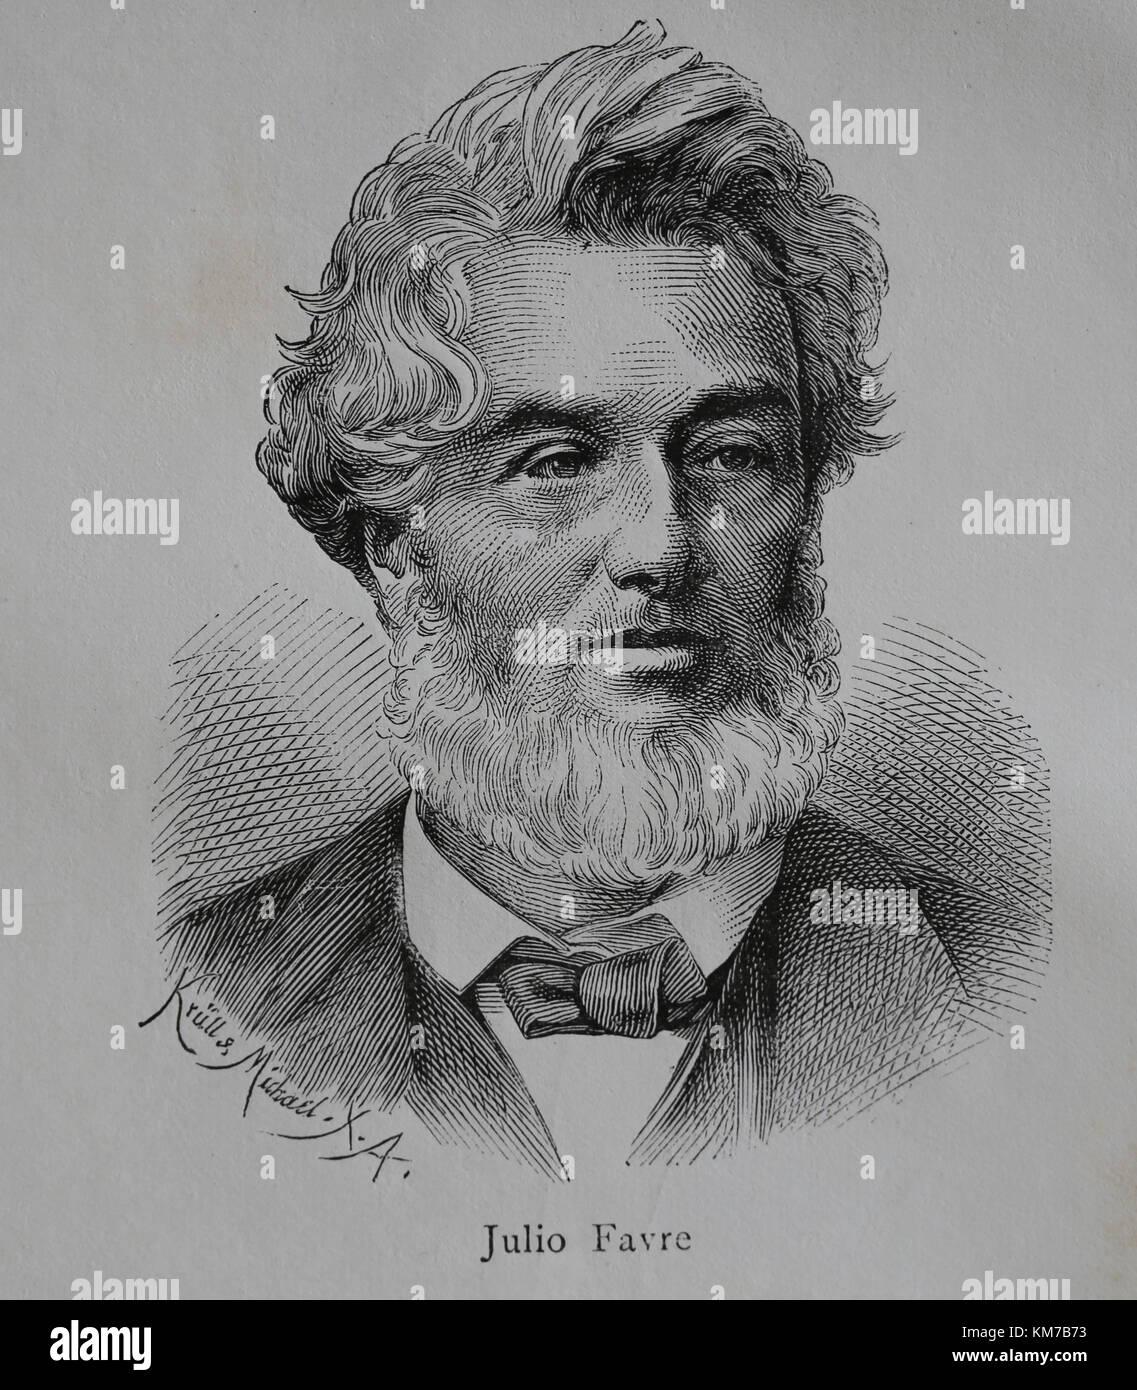 Jules favre (1809-1880). statista francese. leader dei repubblicani moderati. ritratto. incisione, 1883. Immagini Stock